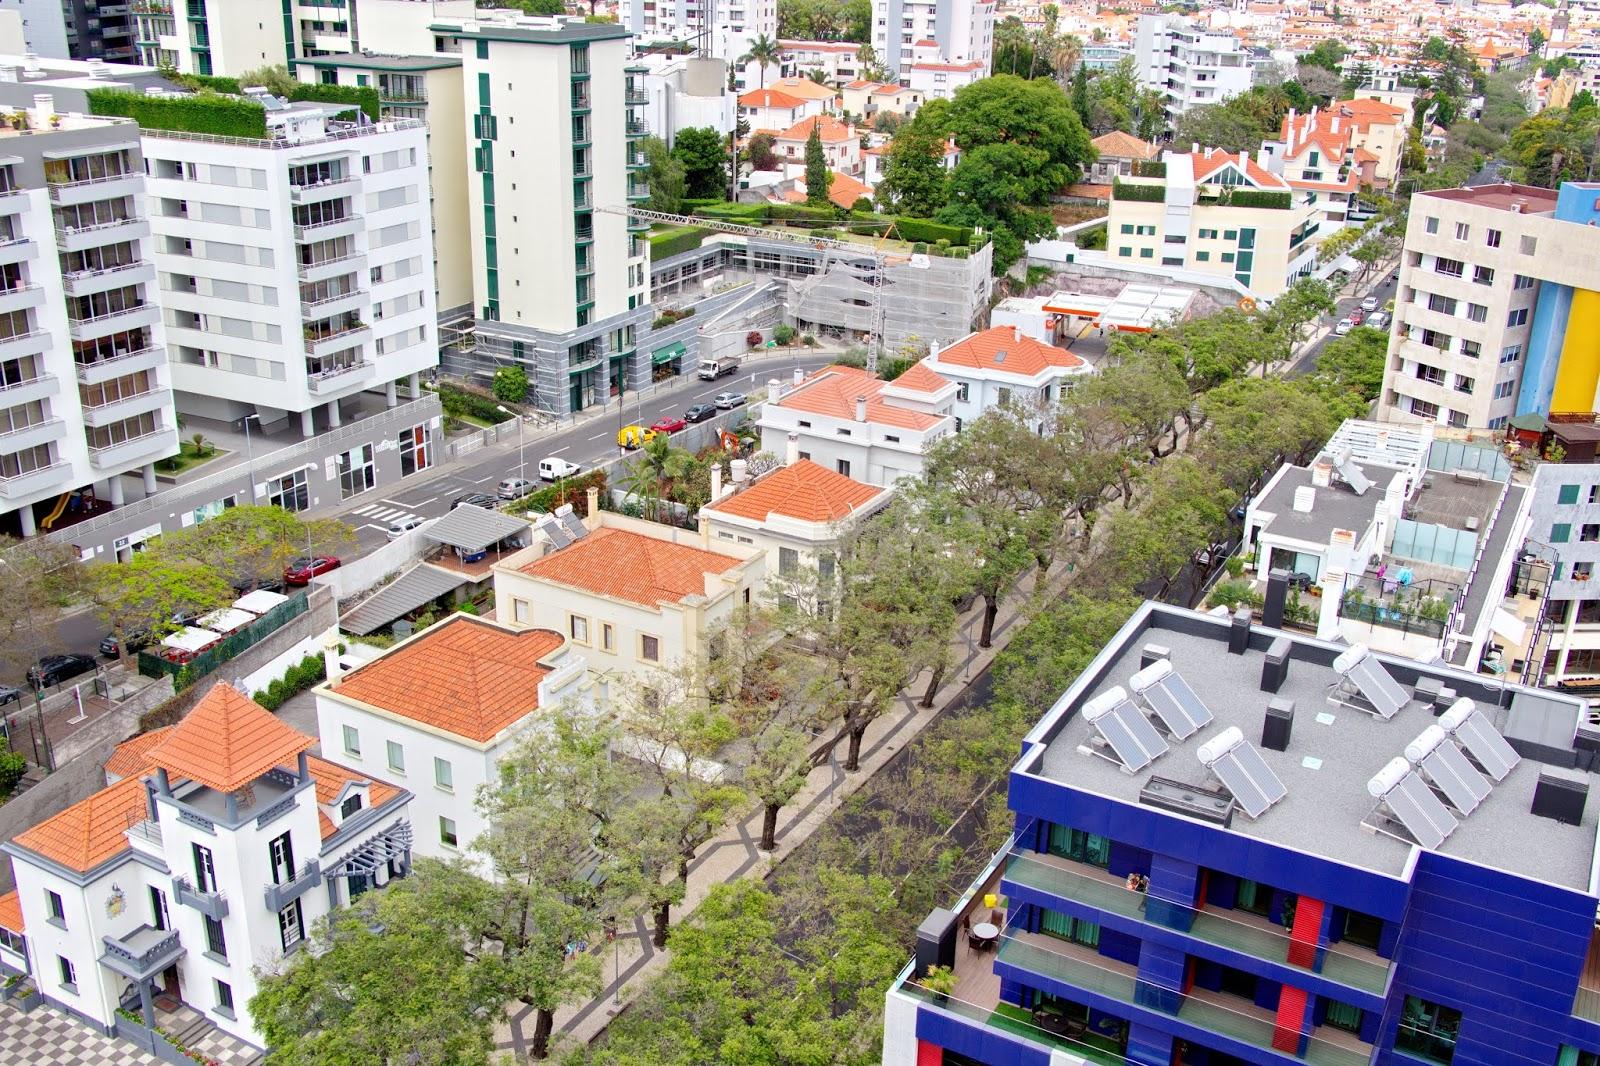 vista de cima da Avenida do Infante